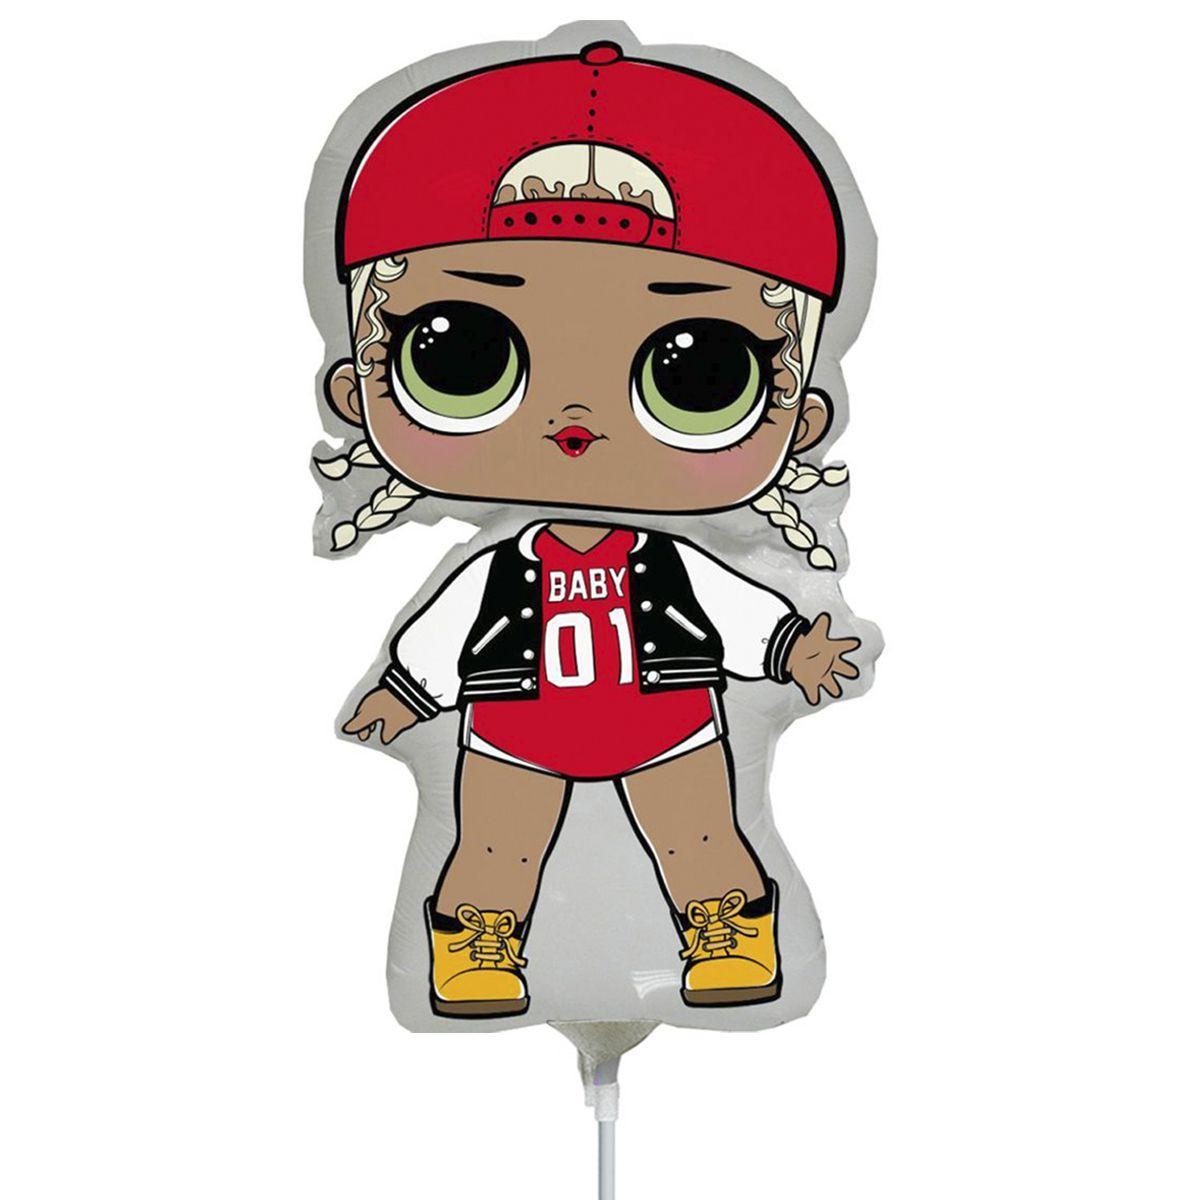 Фольгированный шар 14' Flexmetal Кукла LOL МС Сваг, 34 см